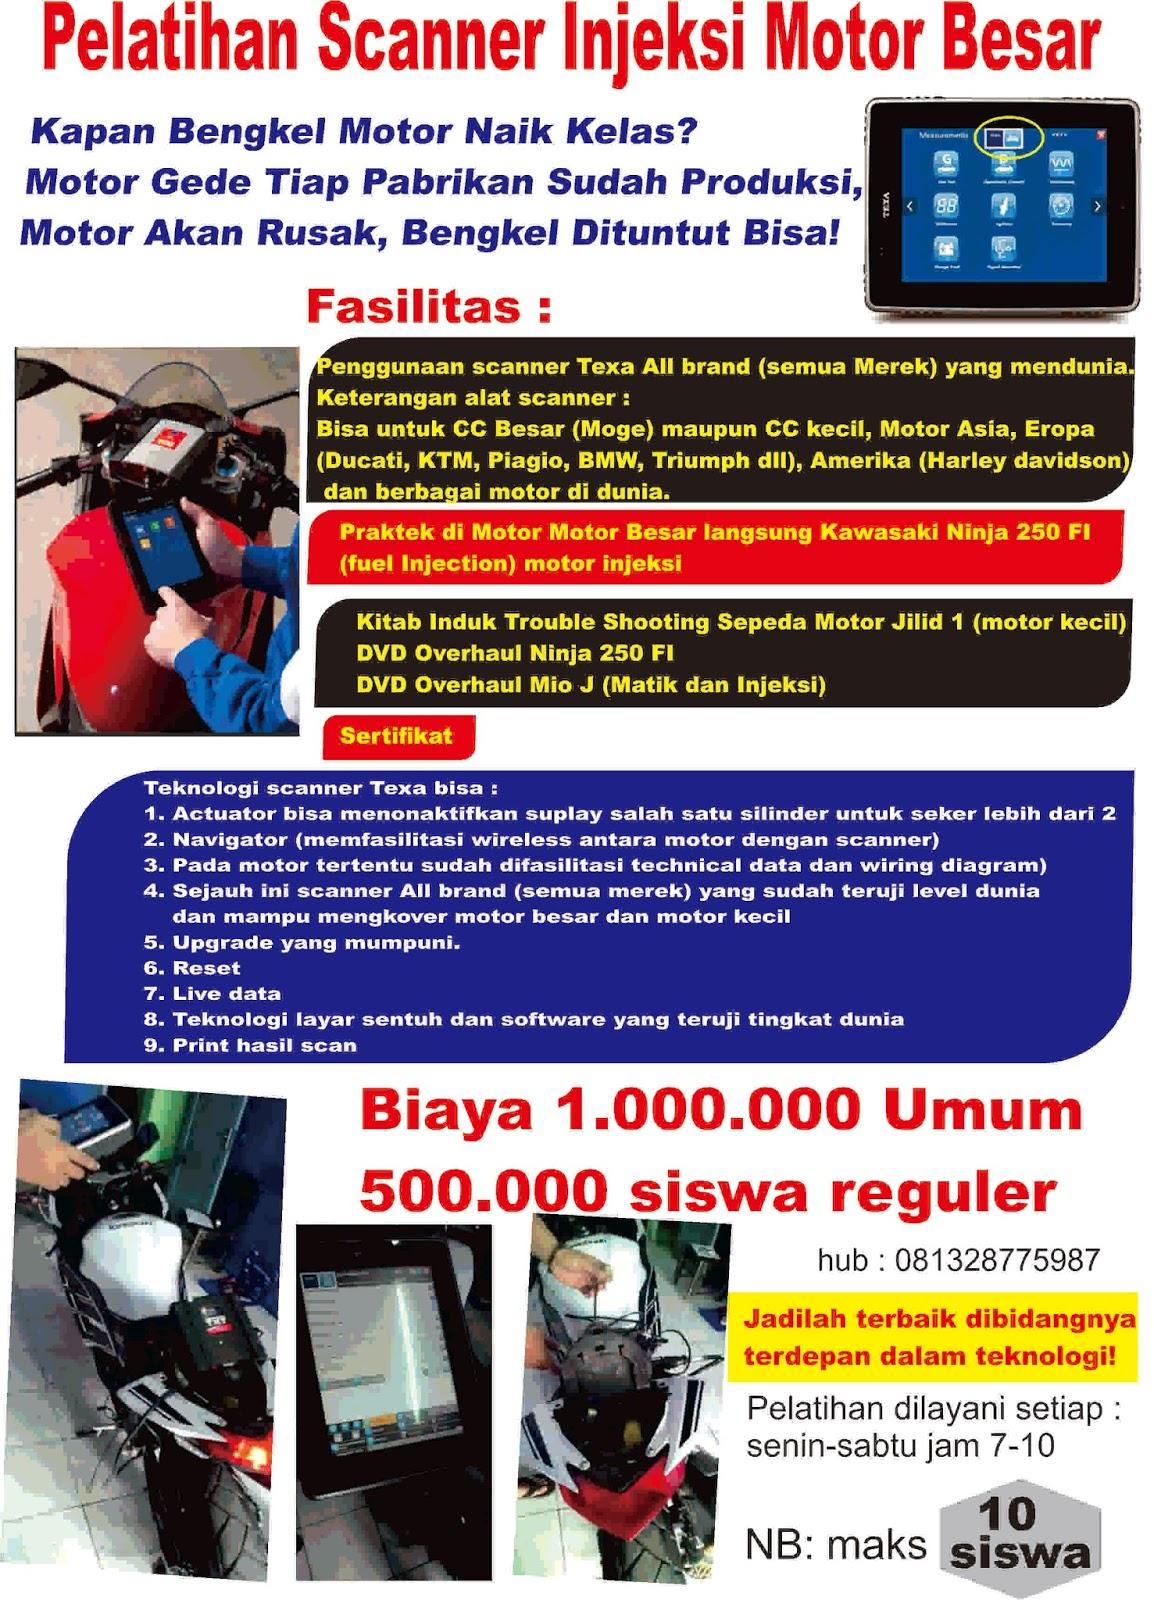 CHAMPION TRAINING CENTRE JOGJA Motor Injeksi Mio J Macet Kode MIL